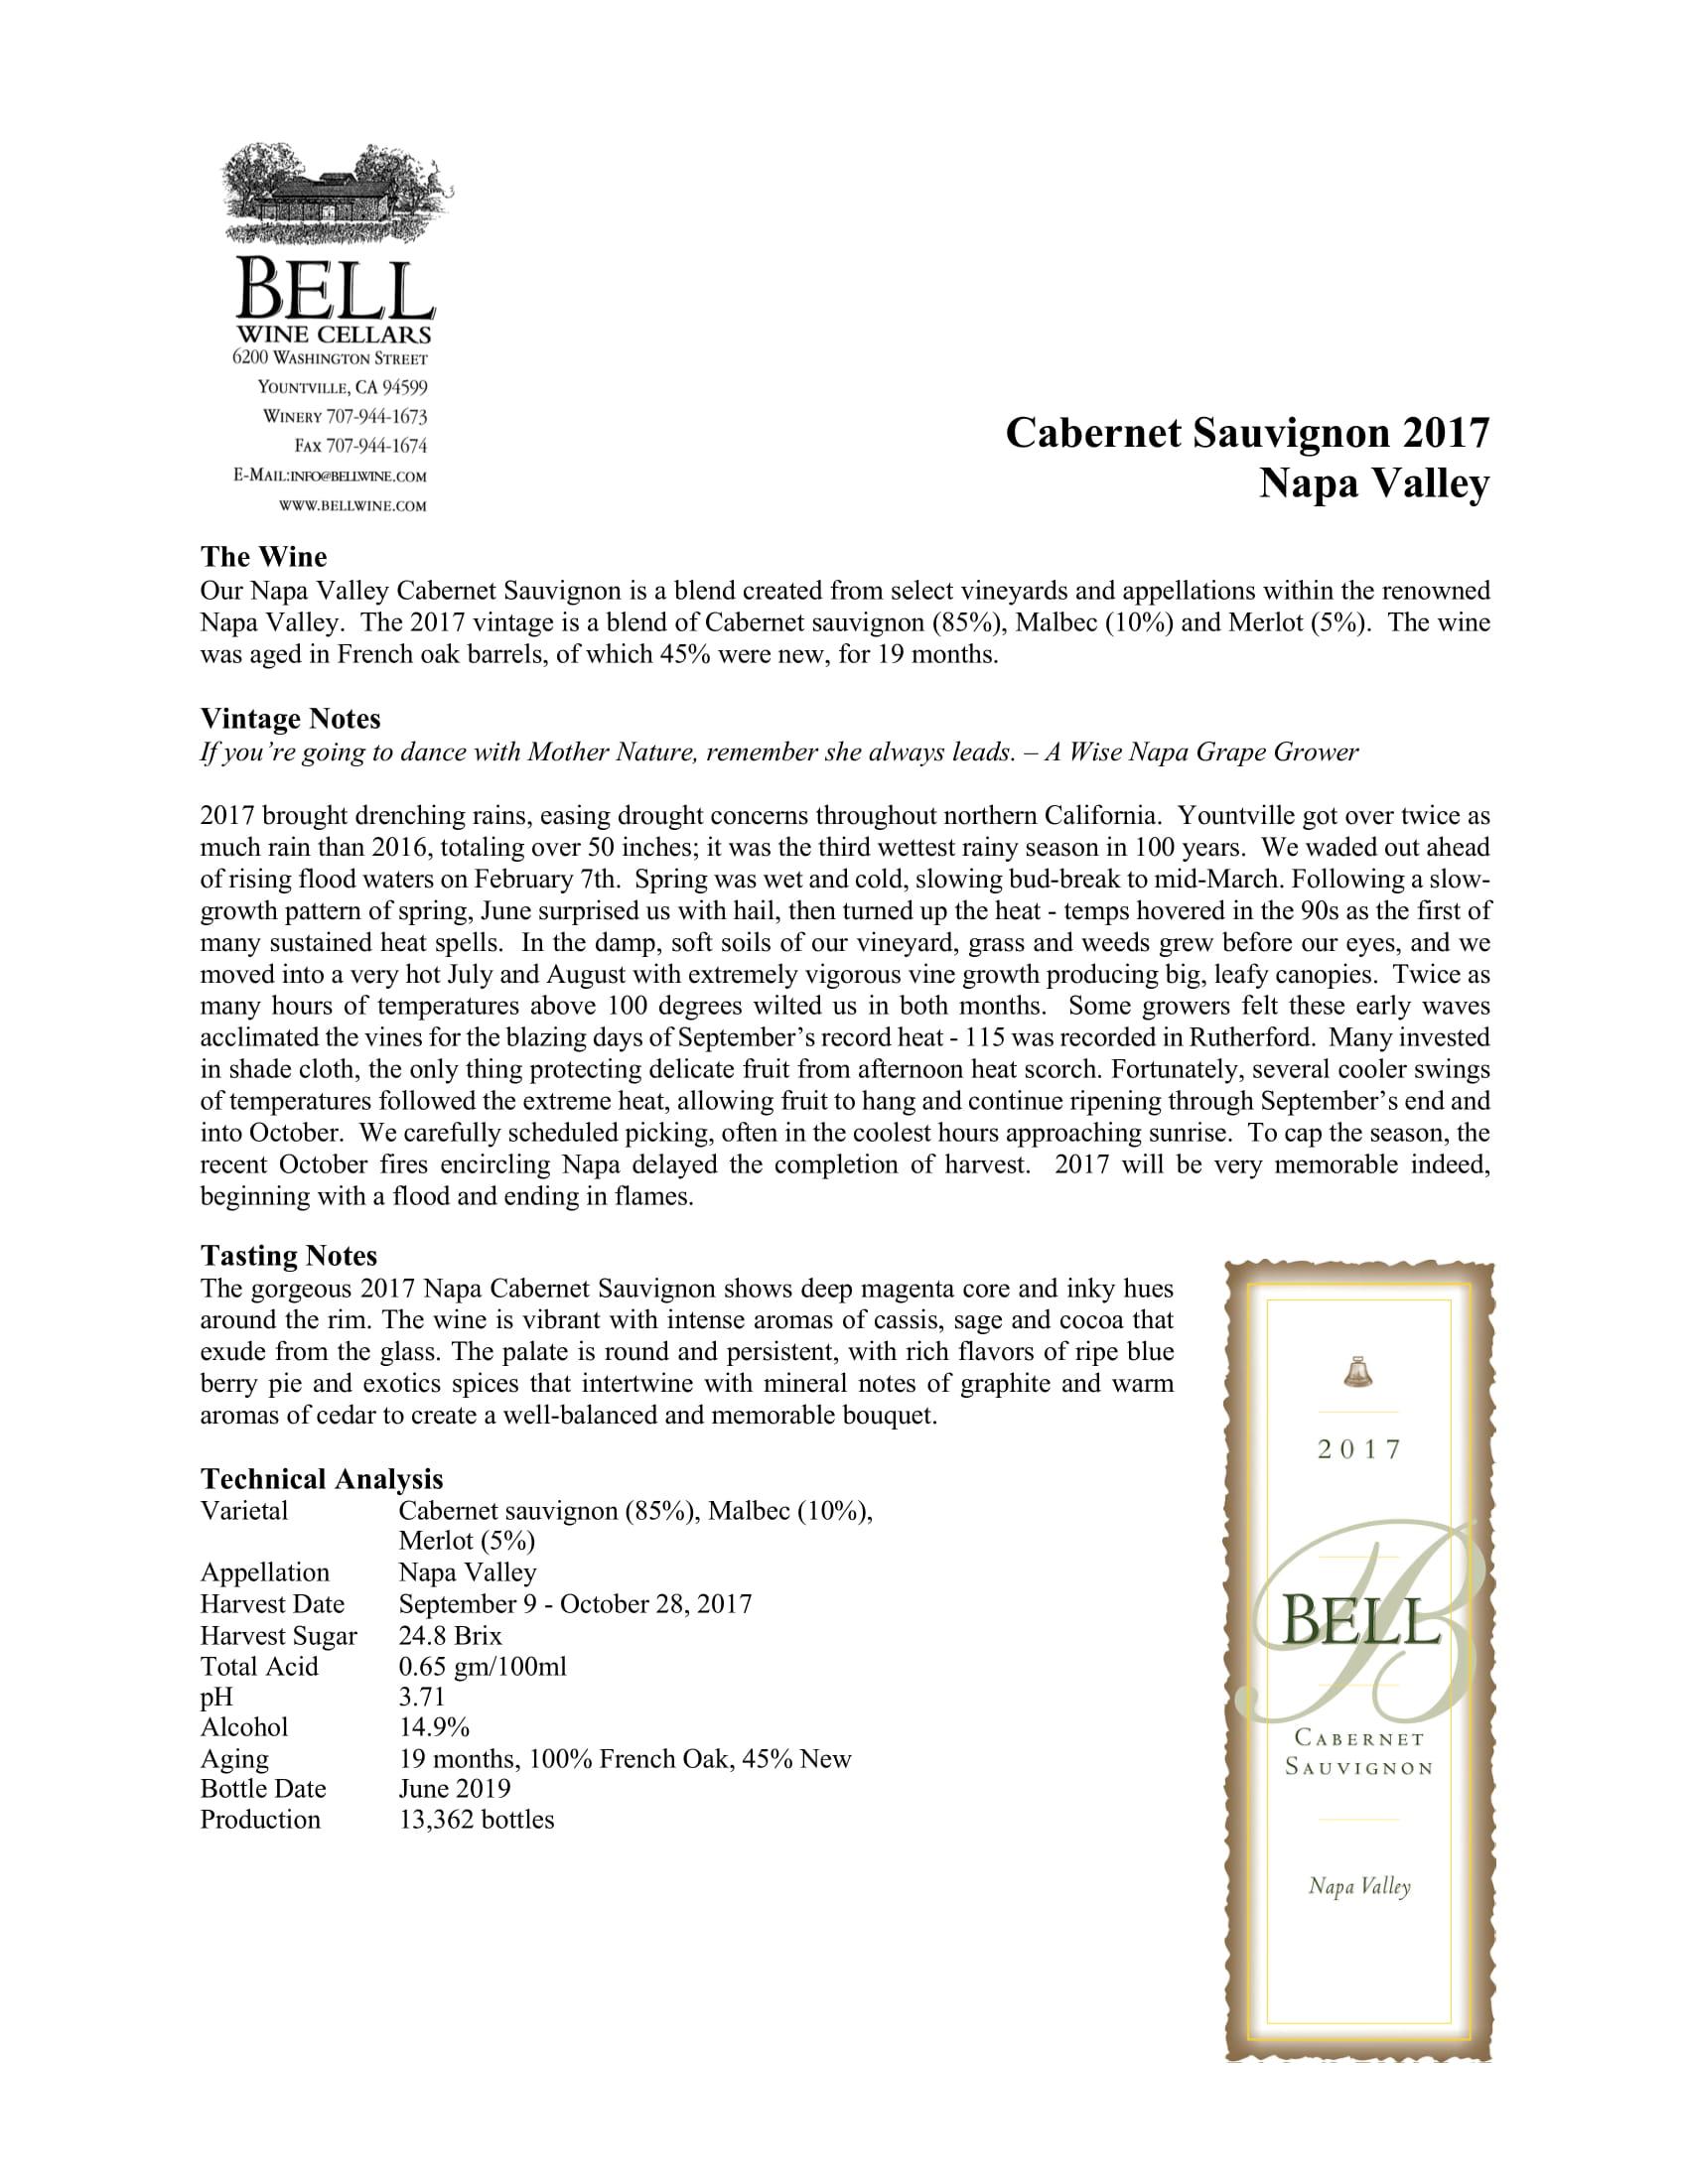 Bell Wine Cellars Cabernet Sauvignon Tech Sheet